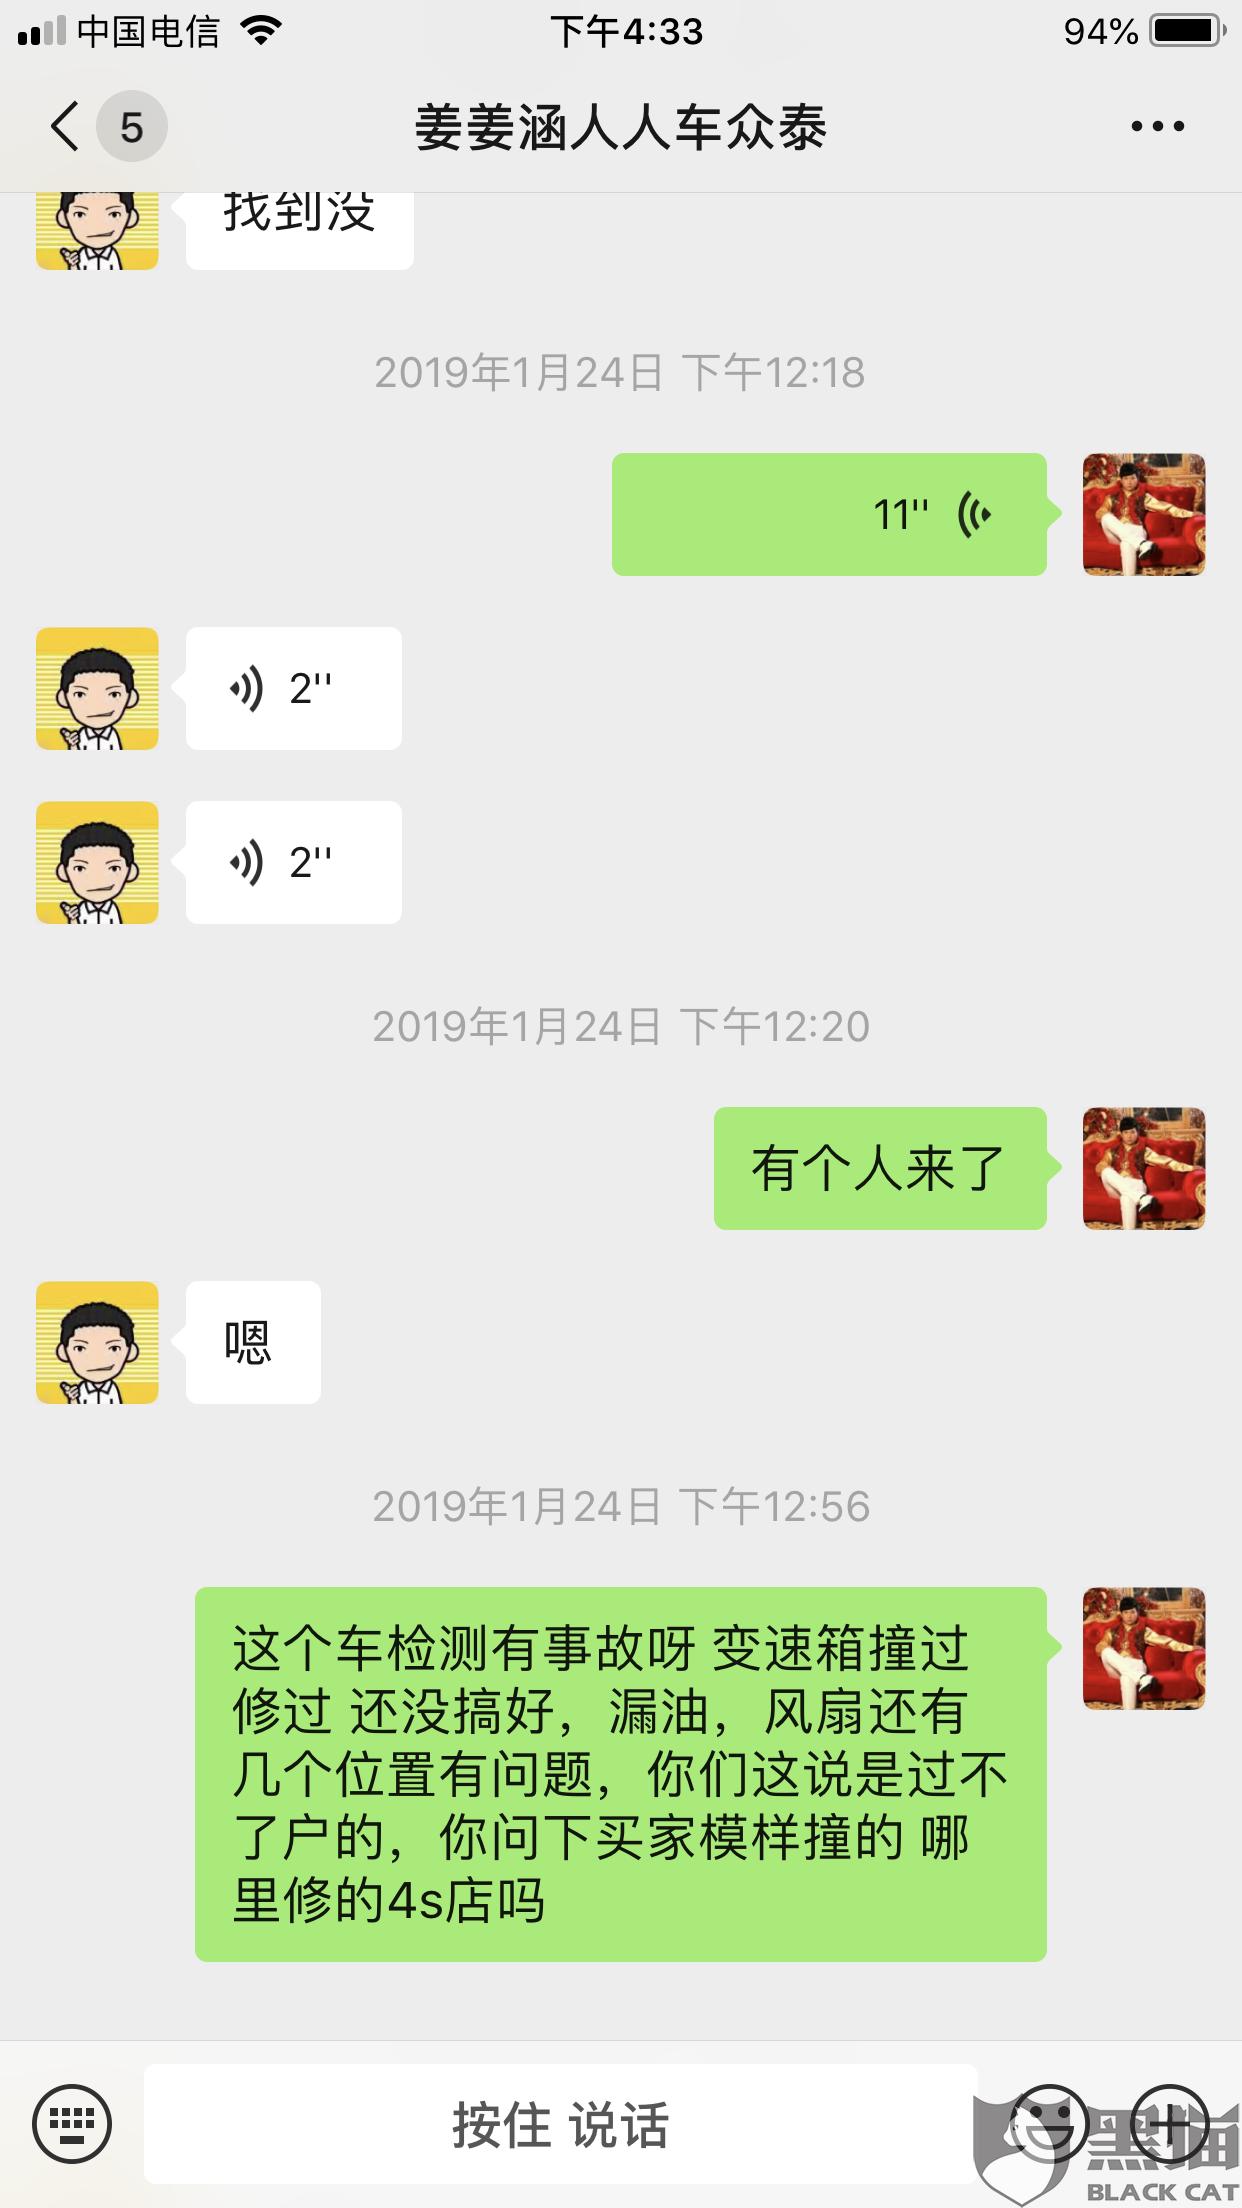 黑猫投诉:人人车网上交易平台武汉城市购了事故车,同意退服务费和押金共5600元,拖了九个月